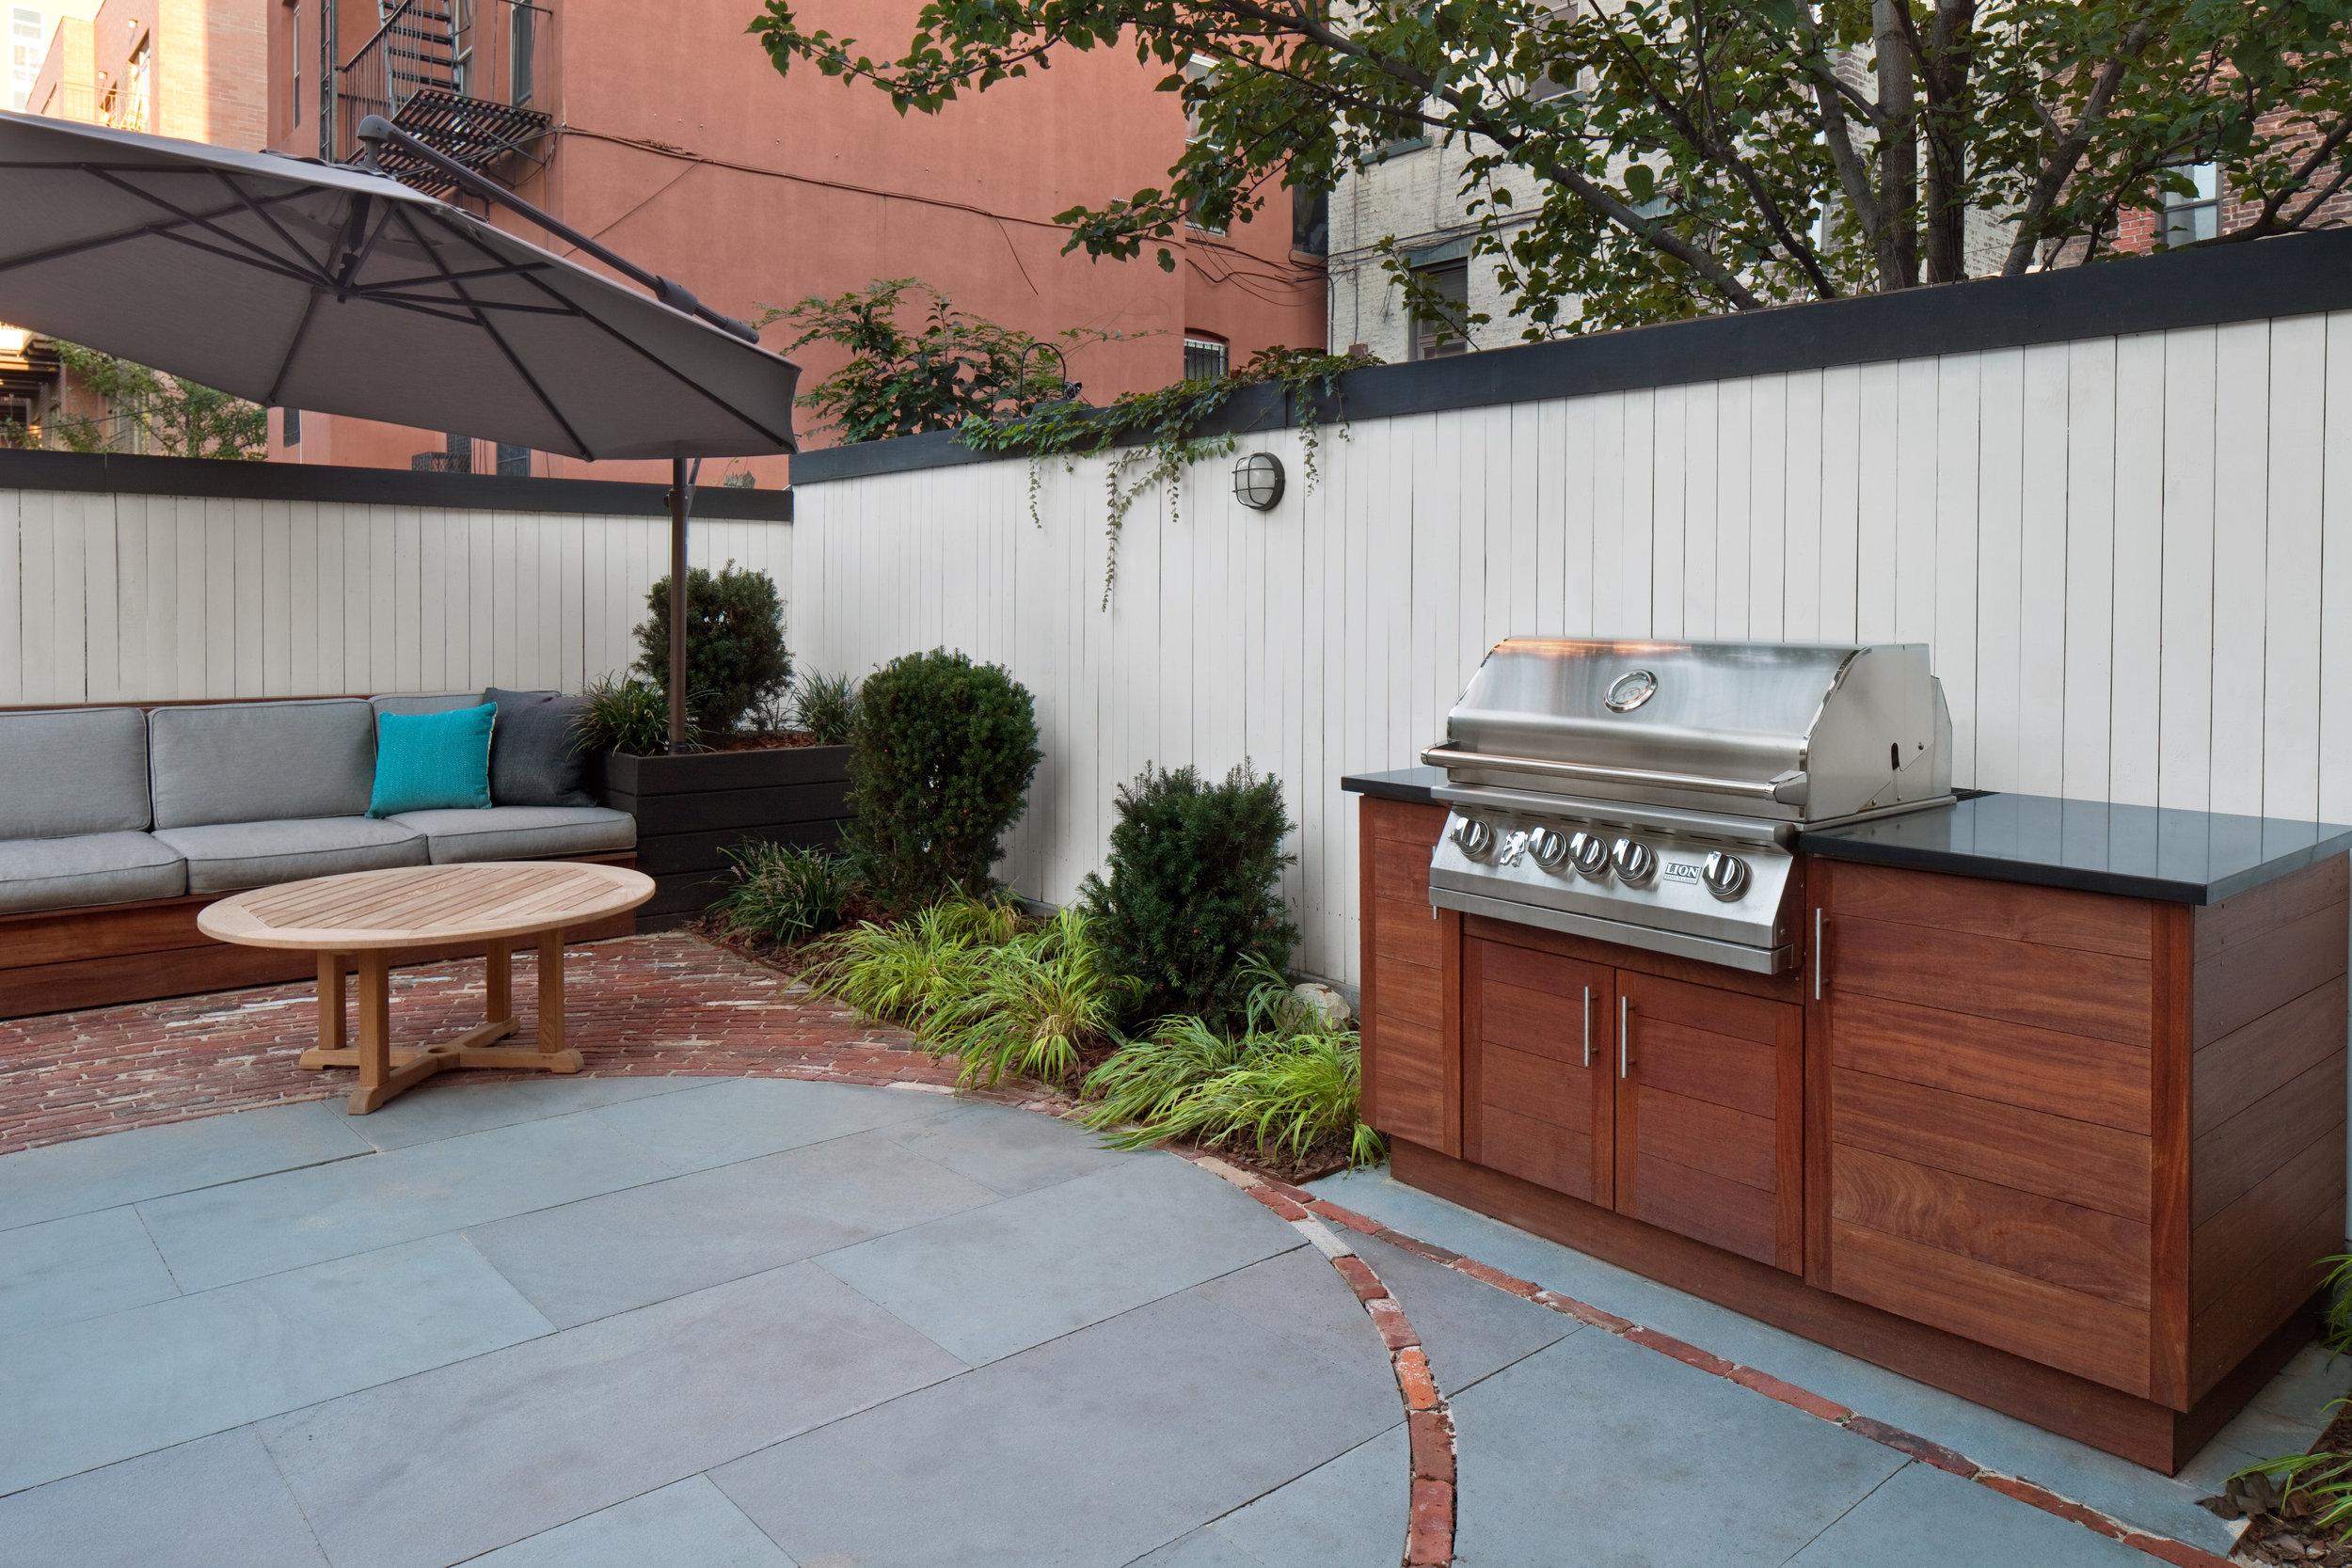 custom_outdoor_cooking_area.jpg